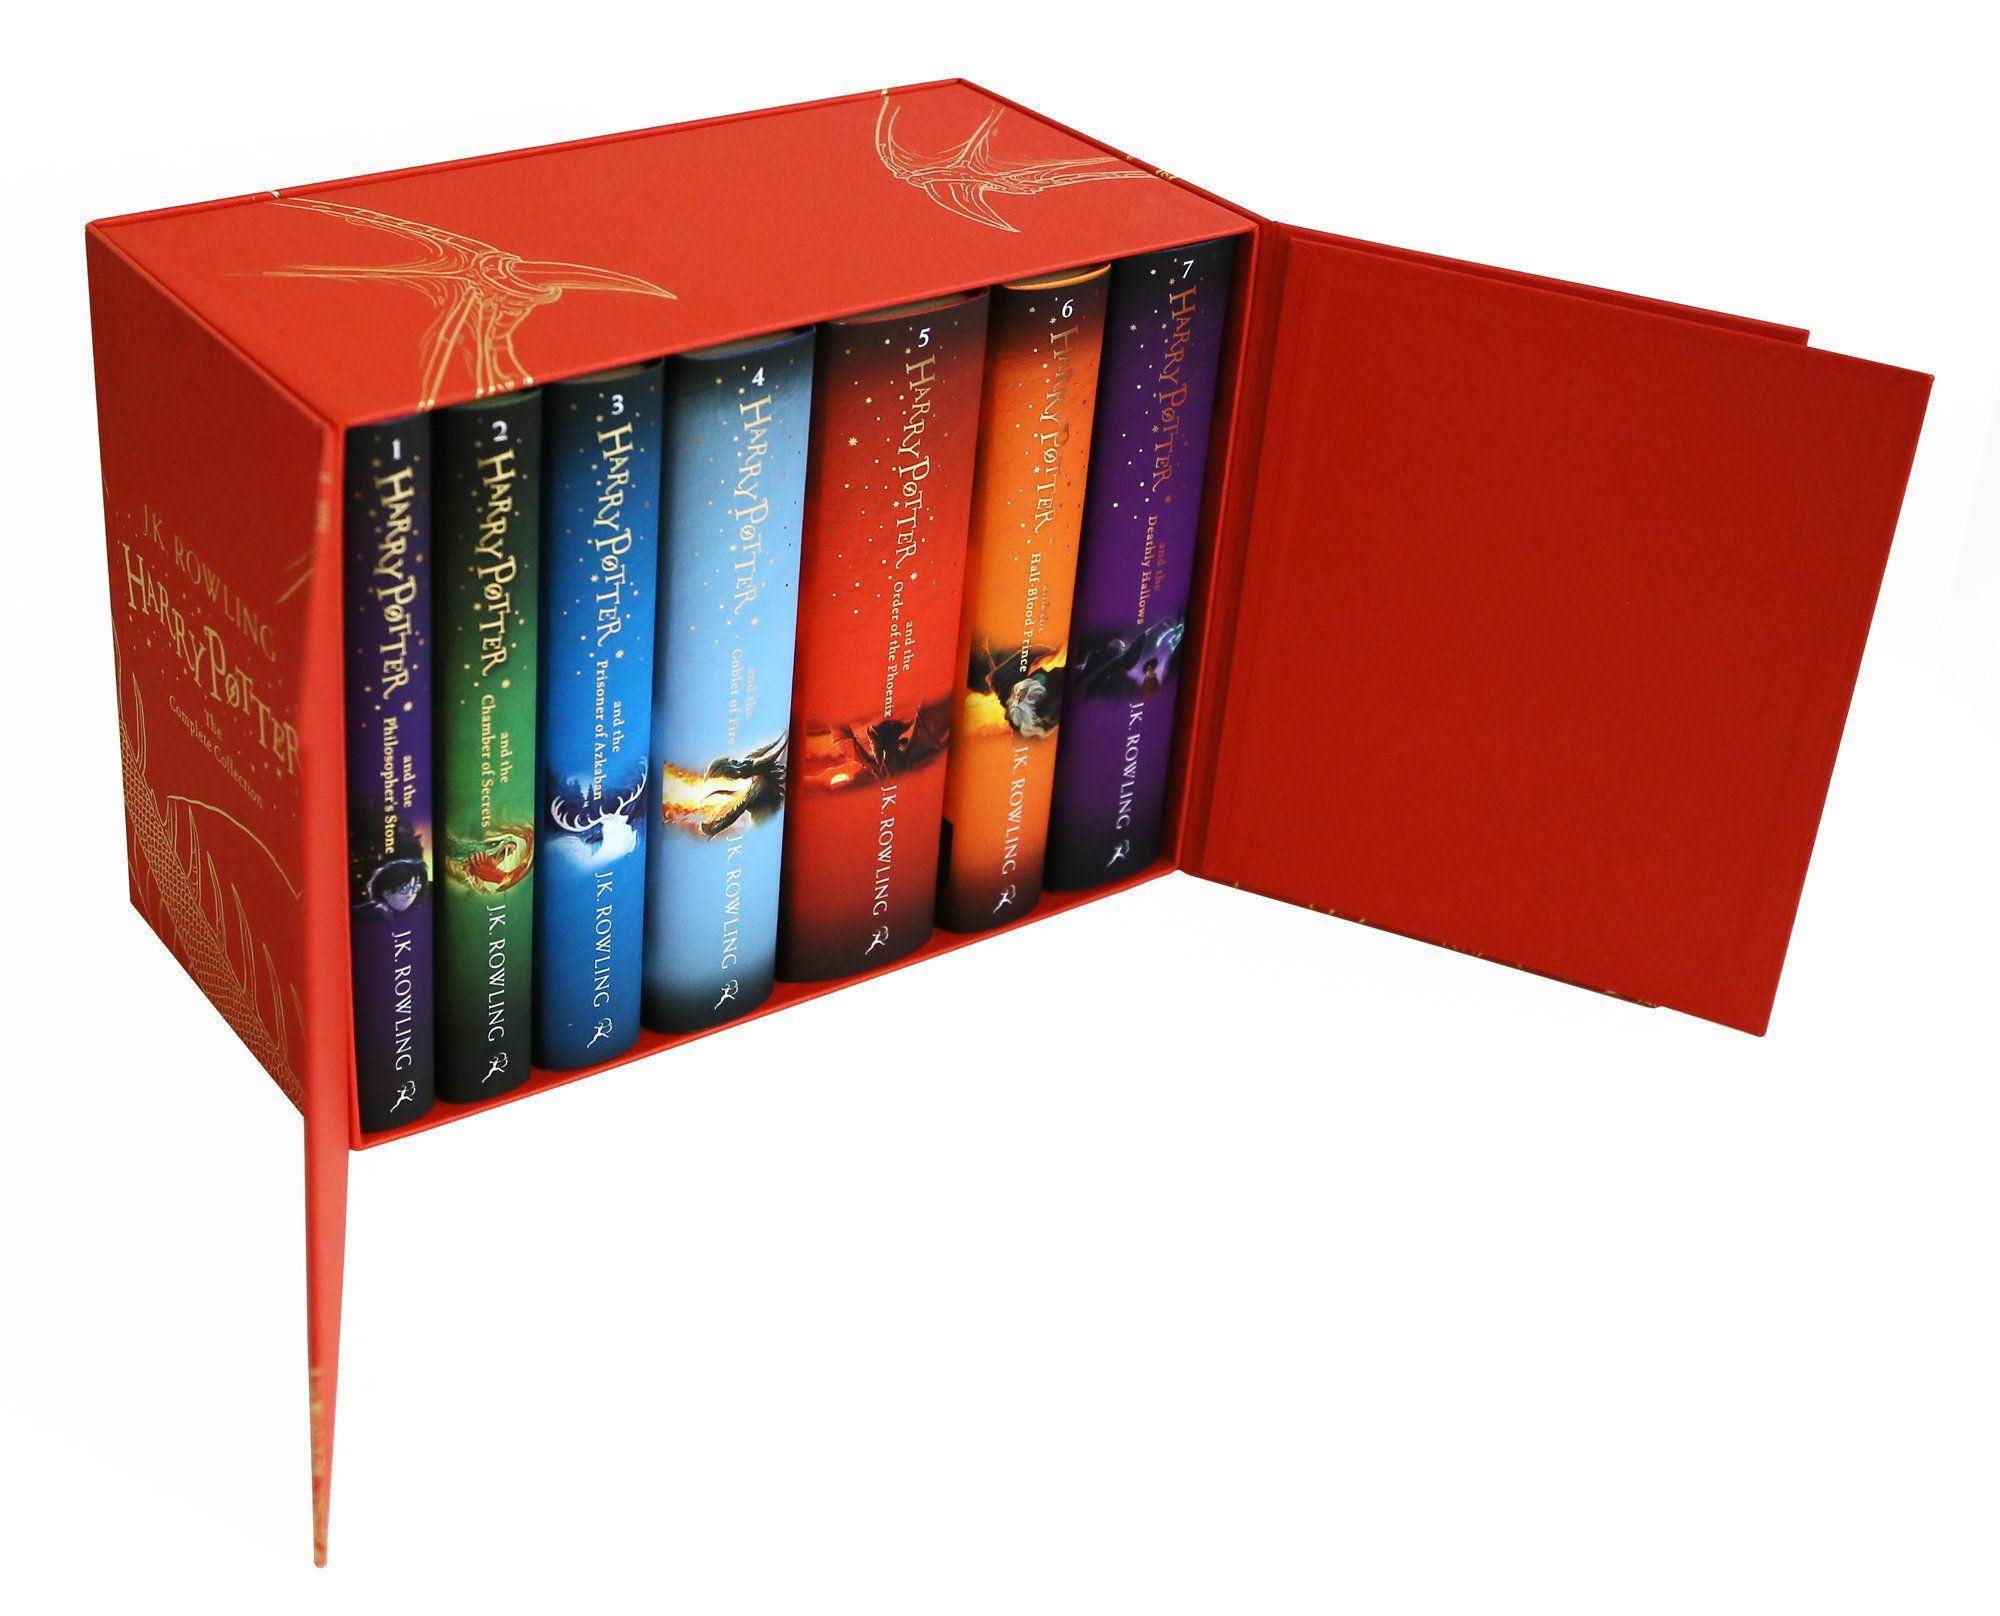 Harry Potter box set complete collection 1-7 UK  childrens hardback, €81,90